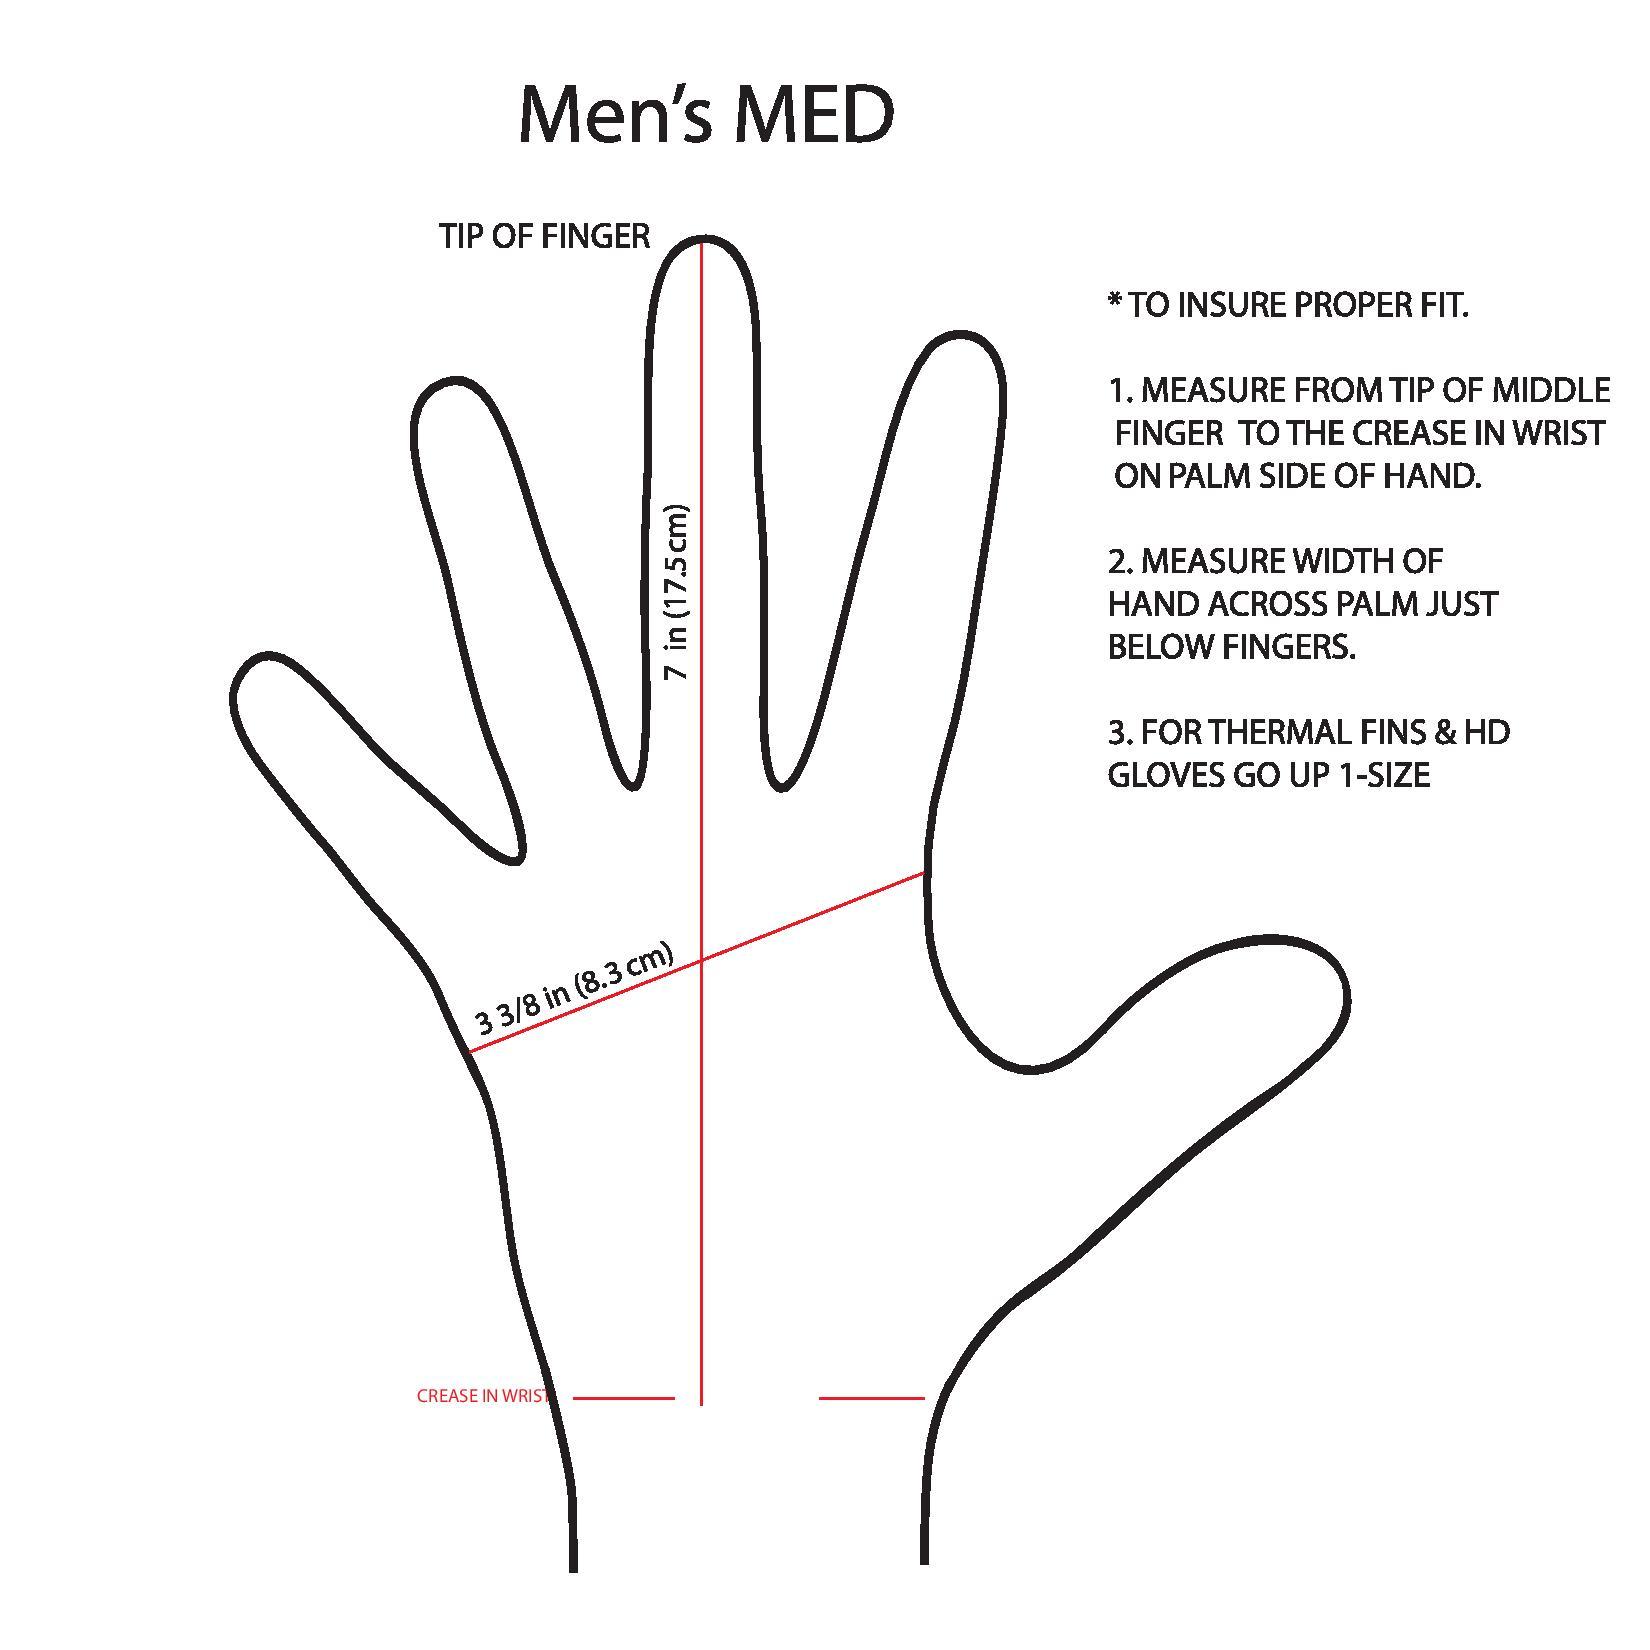 men-s-med-page-001-2-.jpg